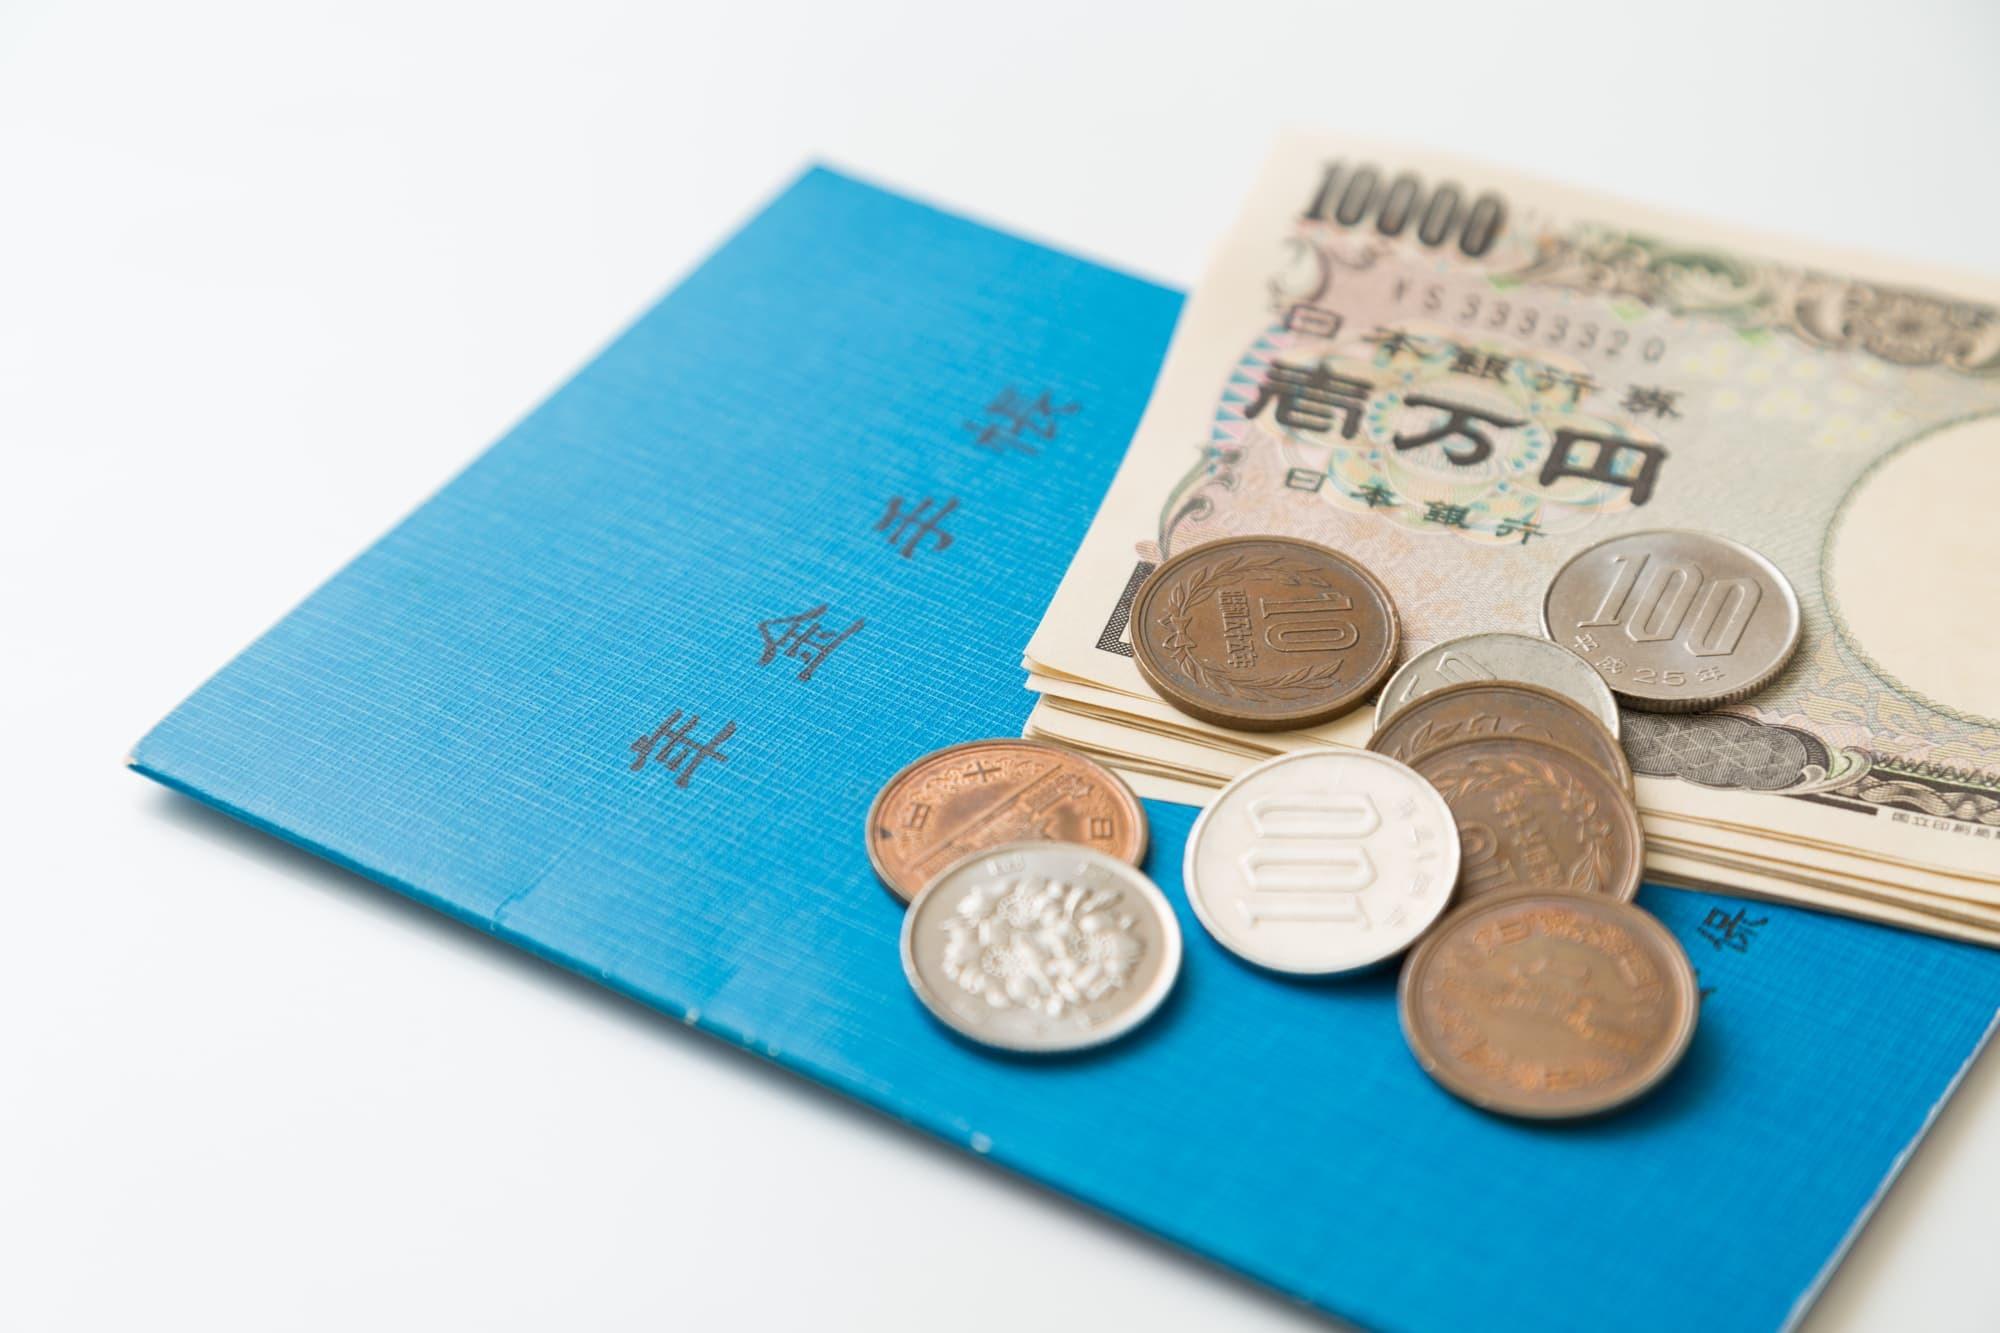 未納分があると、将来の年金はどうなるの?